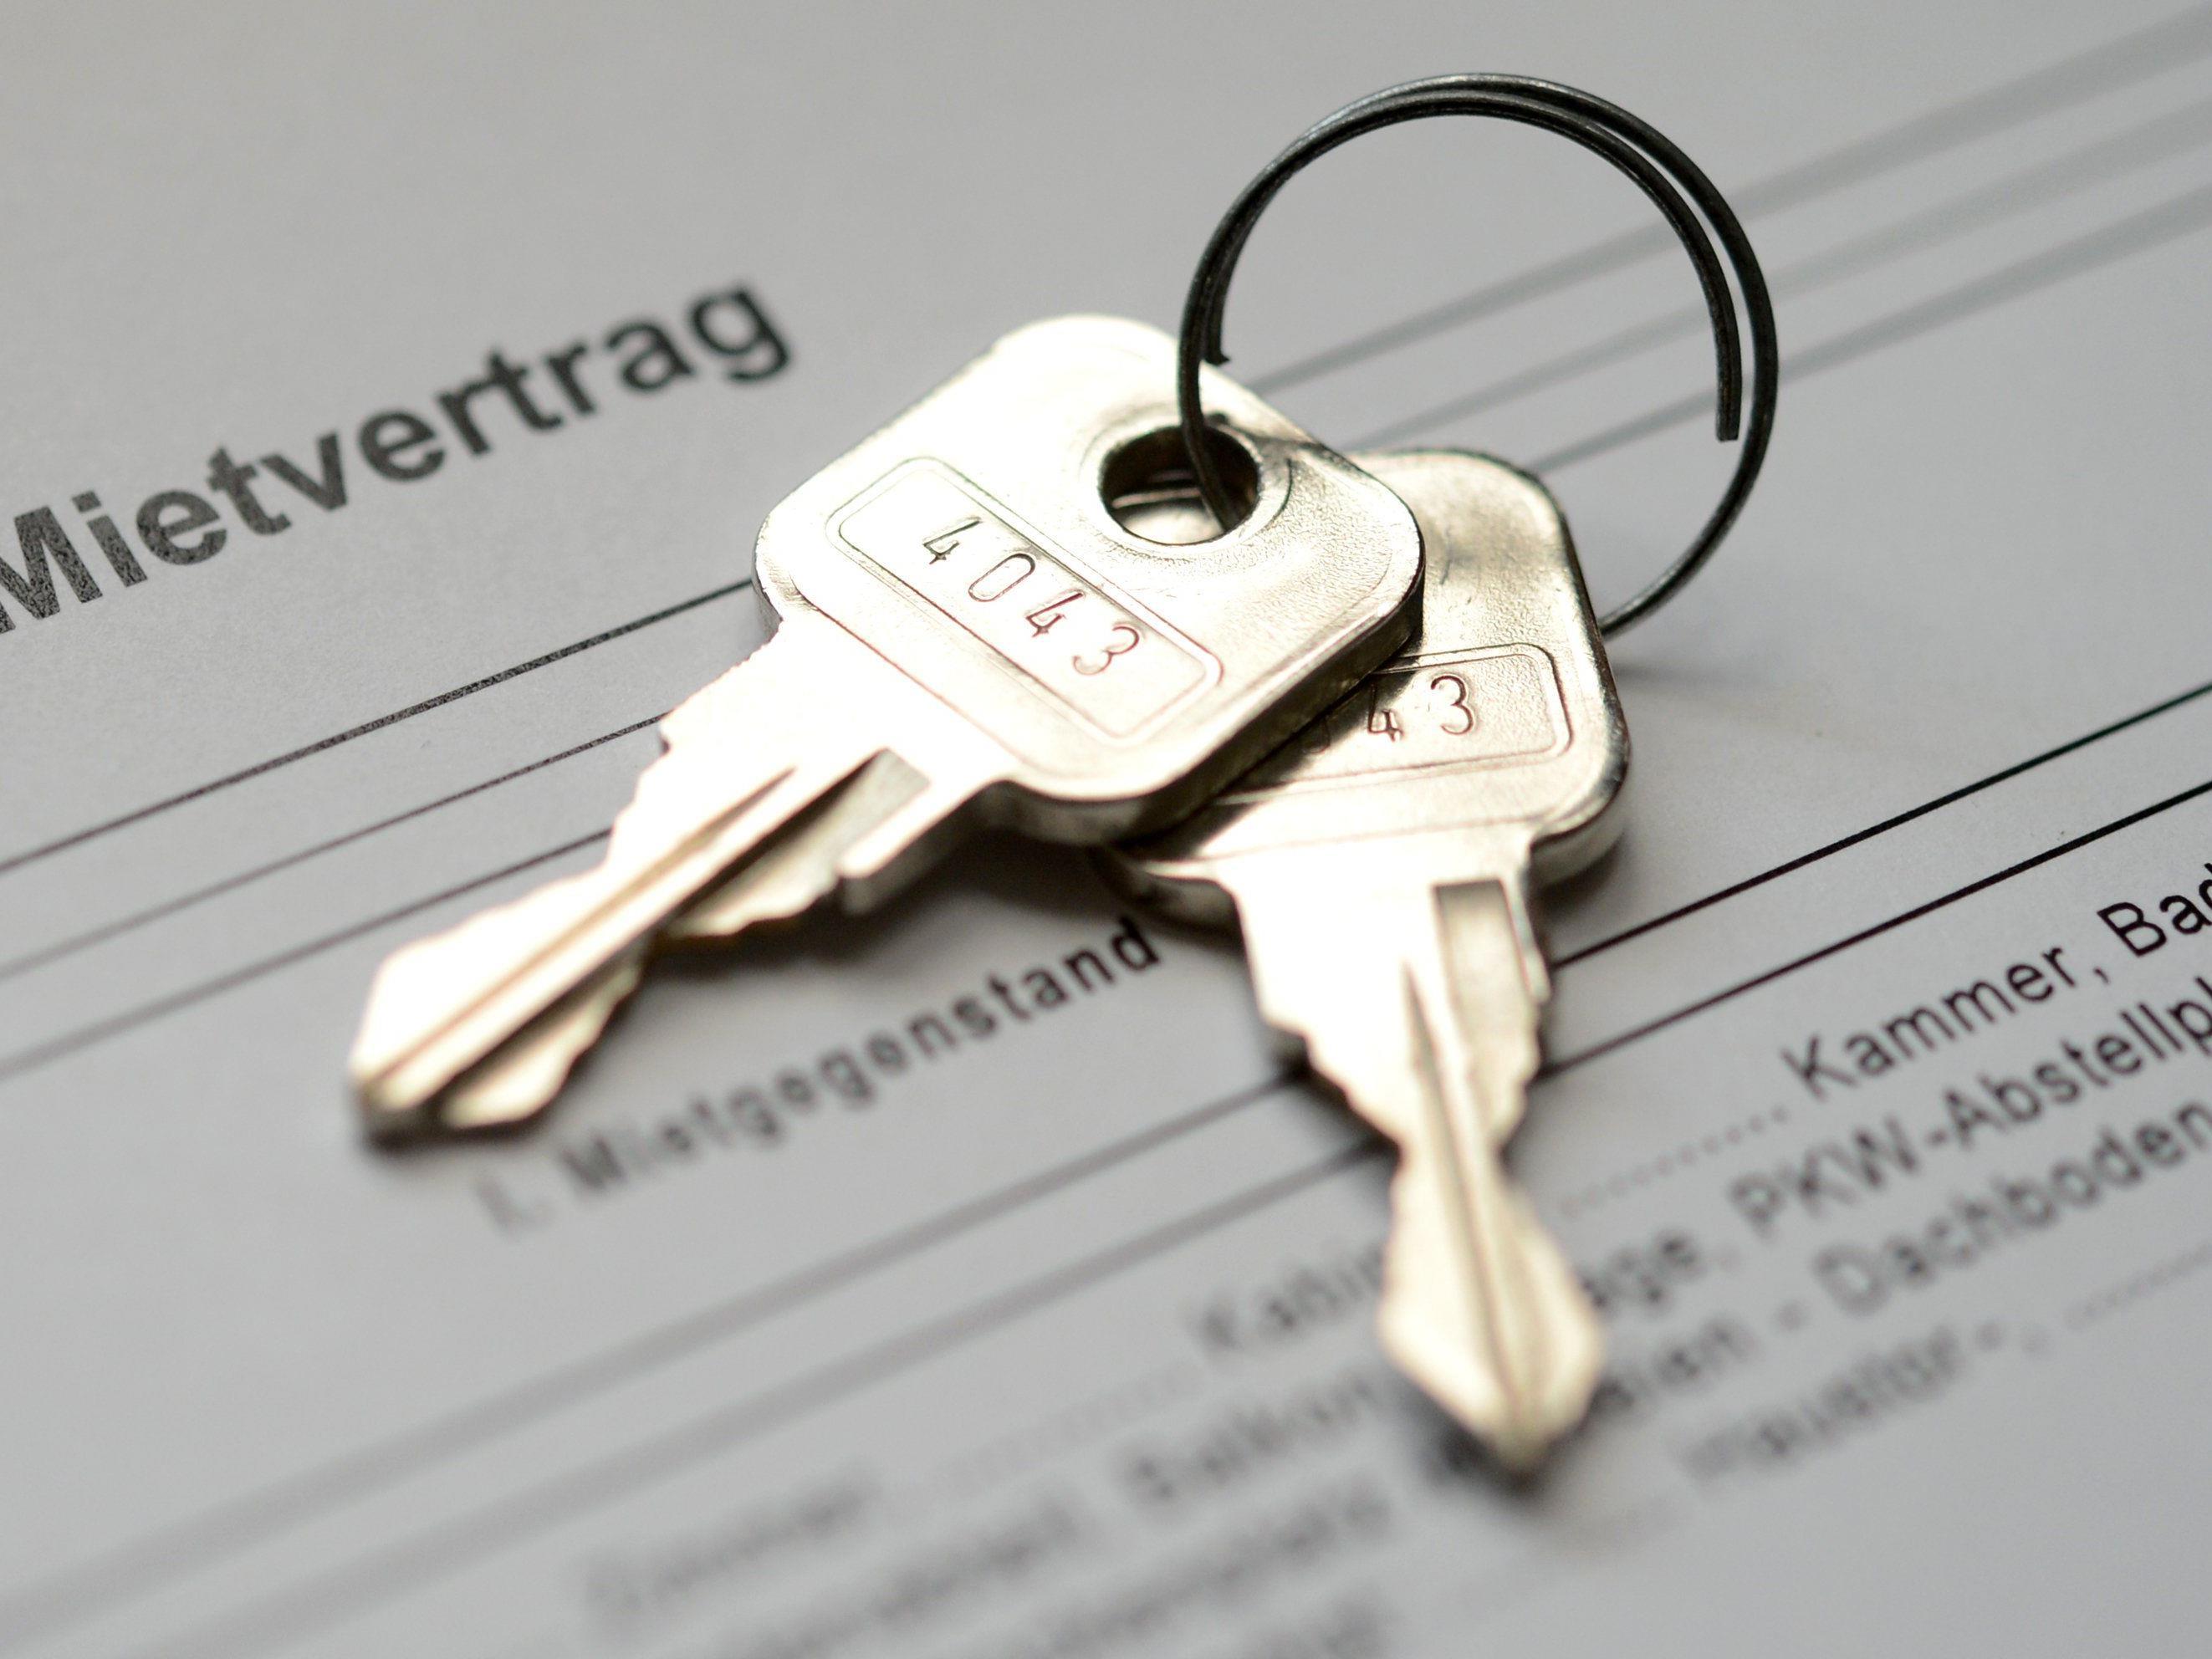 Immobilien-Spekulationen sollen nun unterbunden werden.